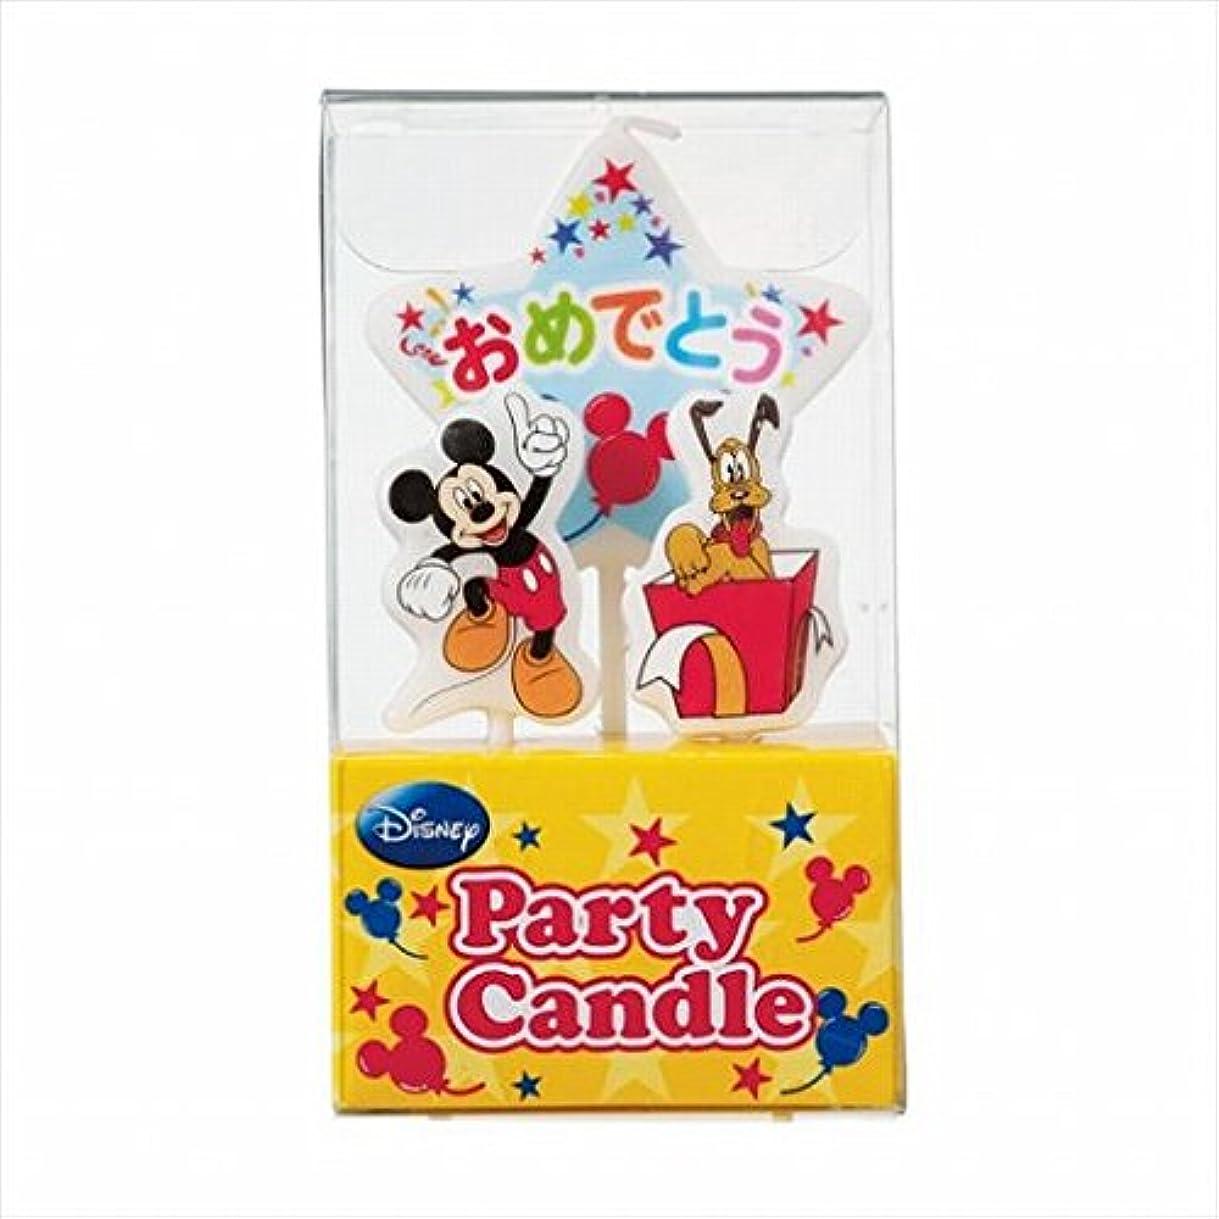 囲む異邦人液体ディズニー( Disney ) ディズニーパーティーキャンドル【ケーキ用キャンドル】 「 ミッキー 」